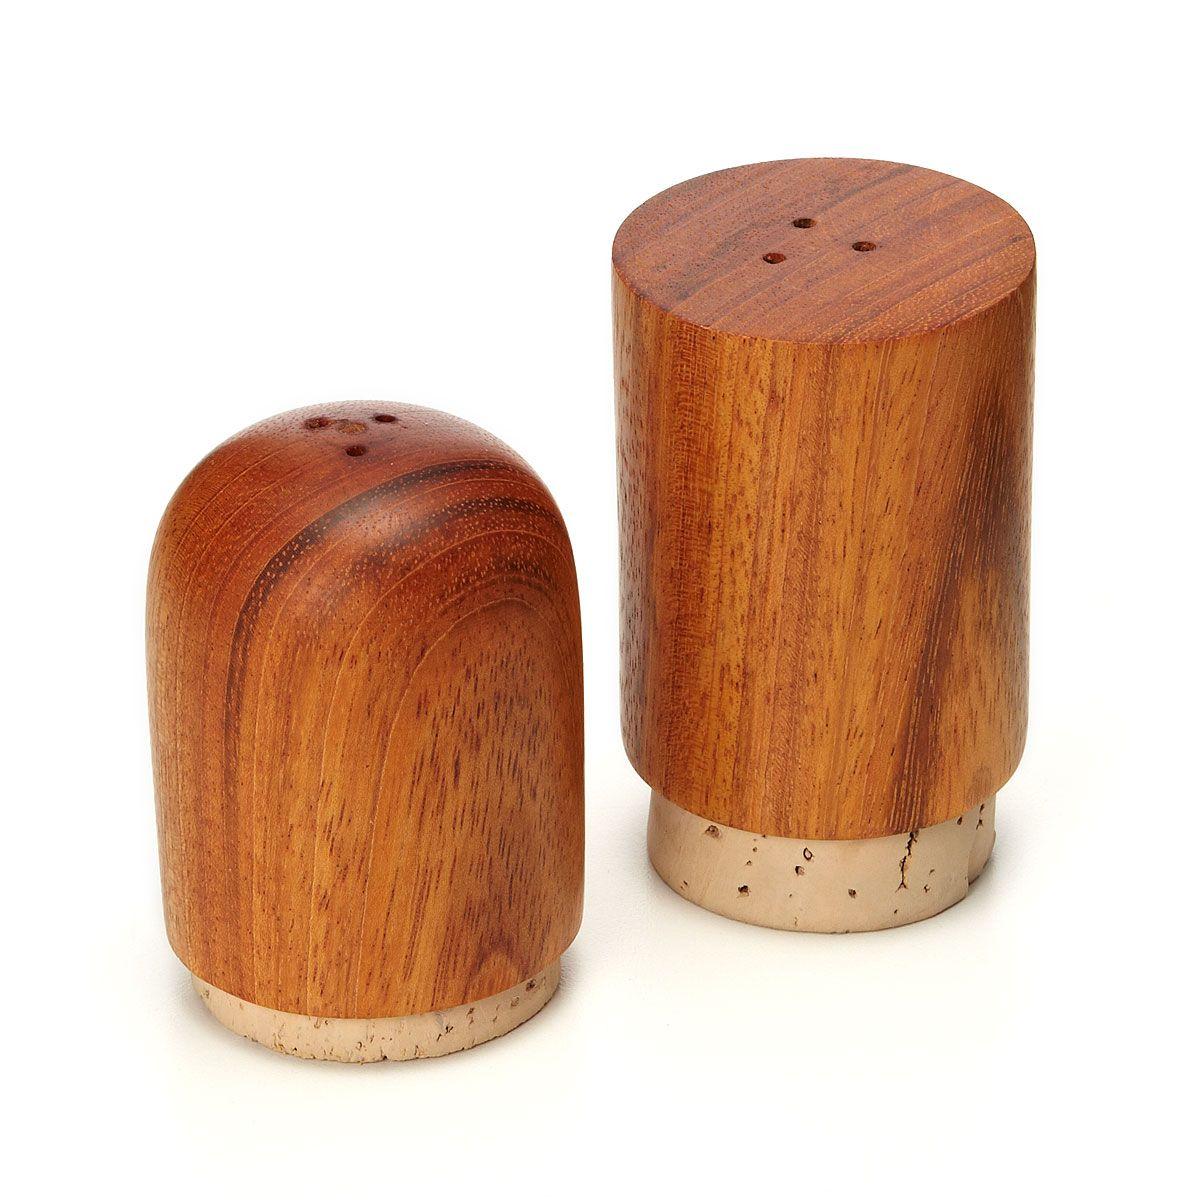 Wooden Salt And Pepper Shaker Set Holz Drechseln Drechseln Pfeffermuhlen